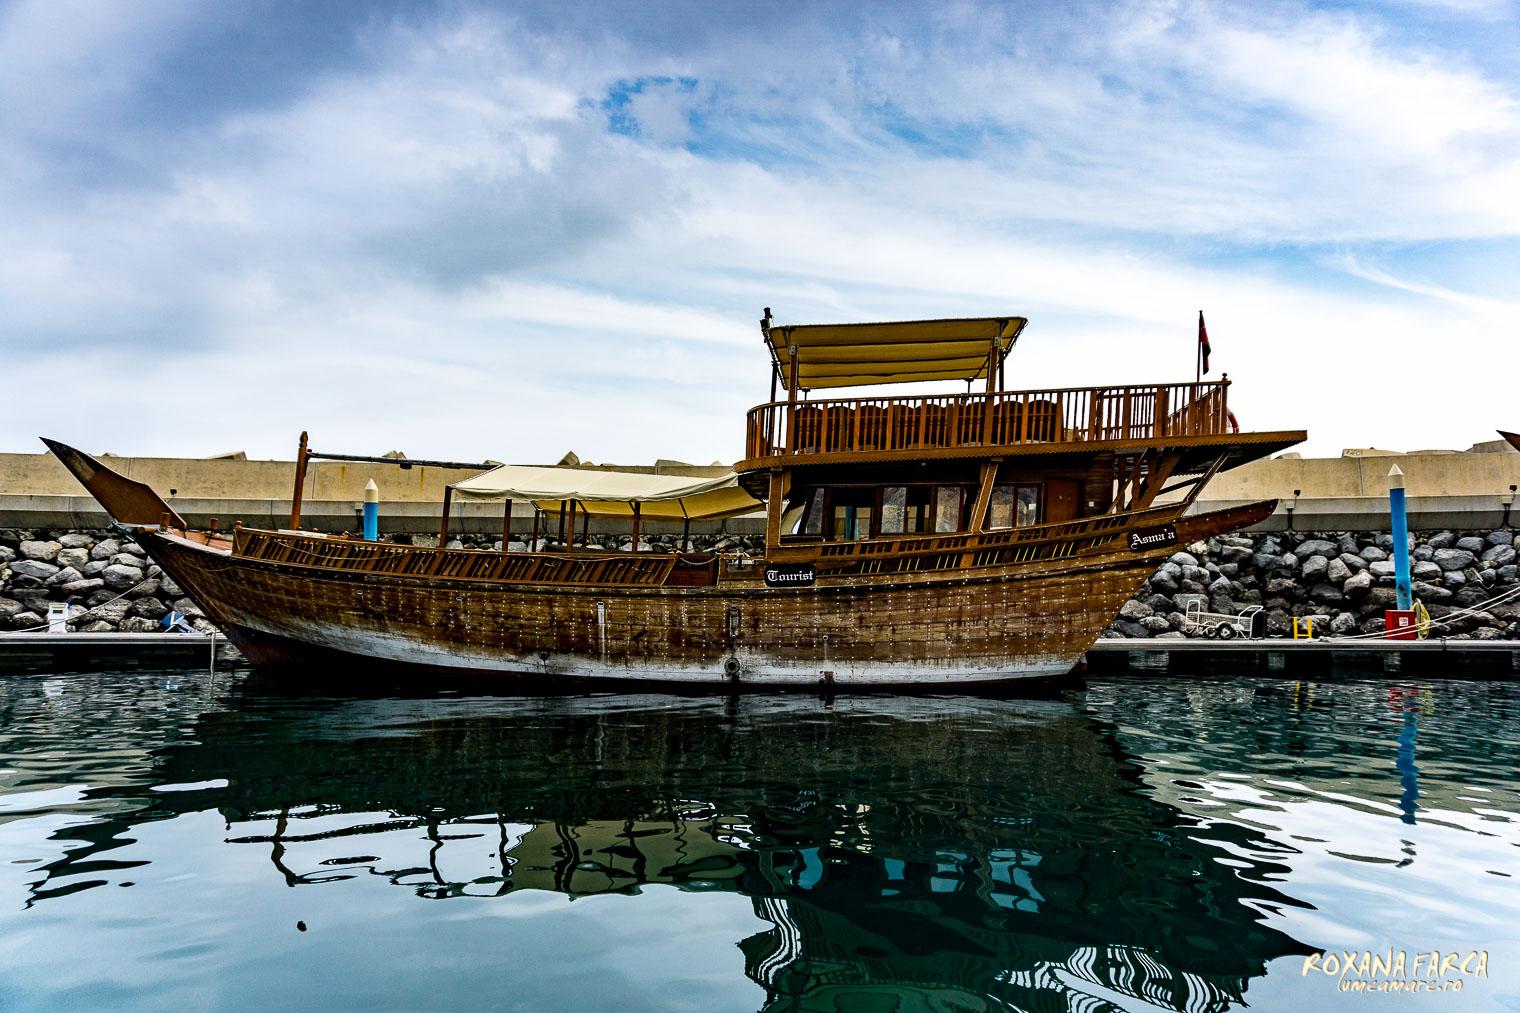 Bărci tradiționale în port